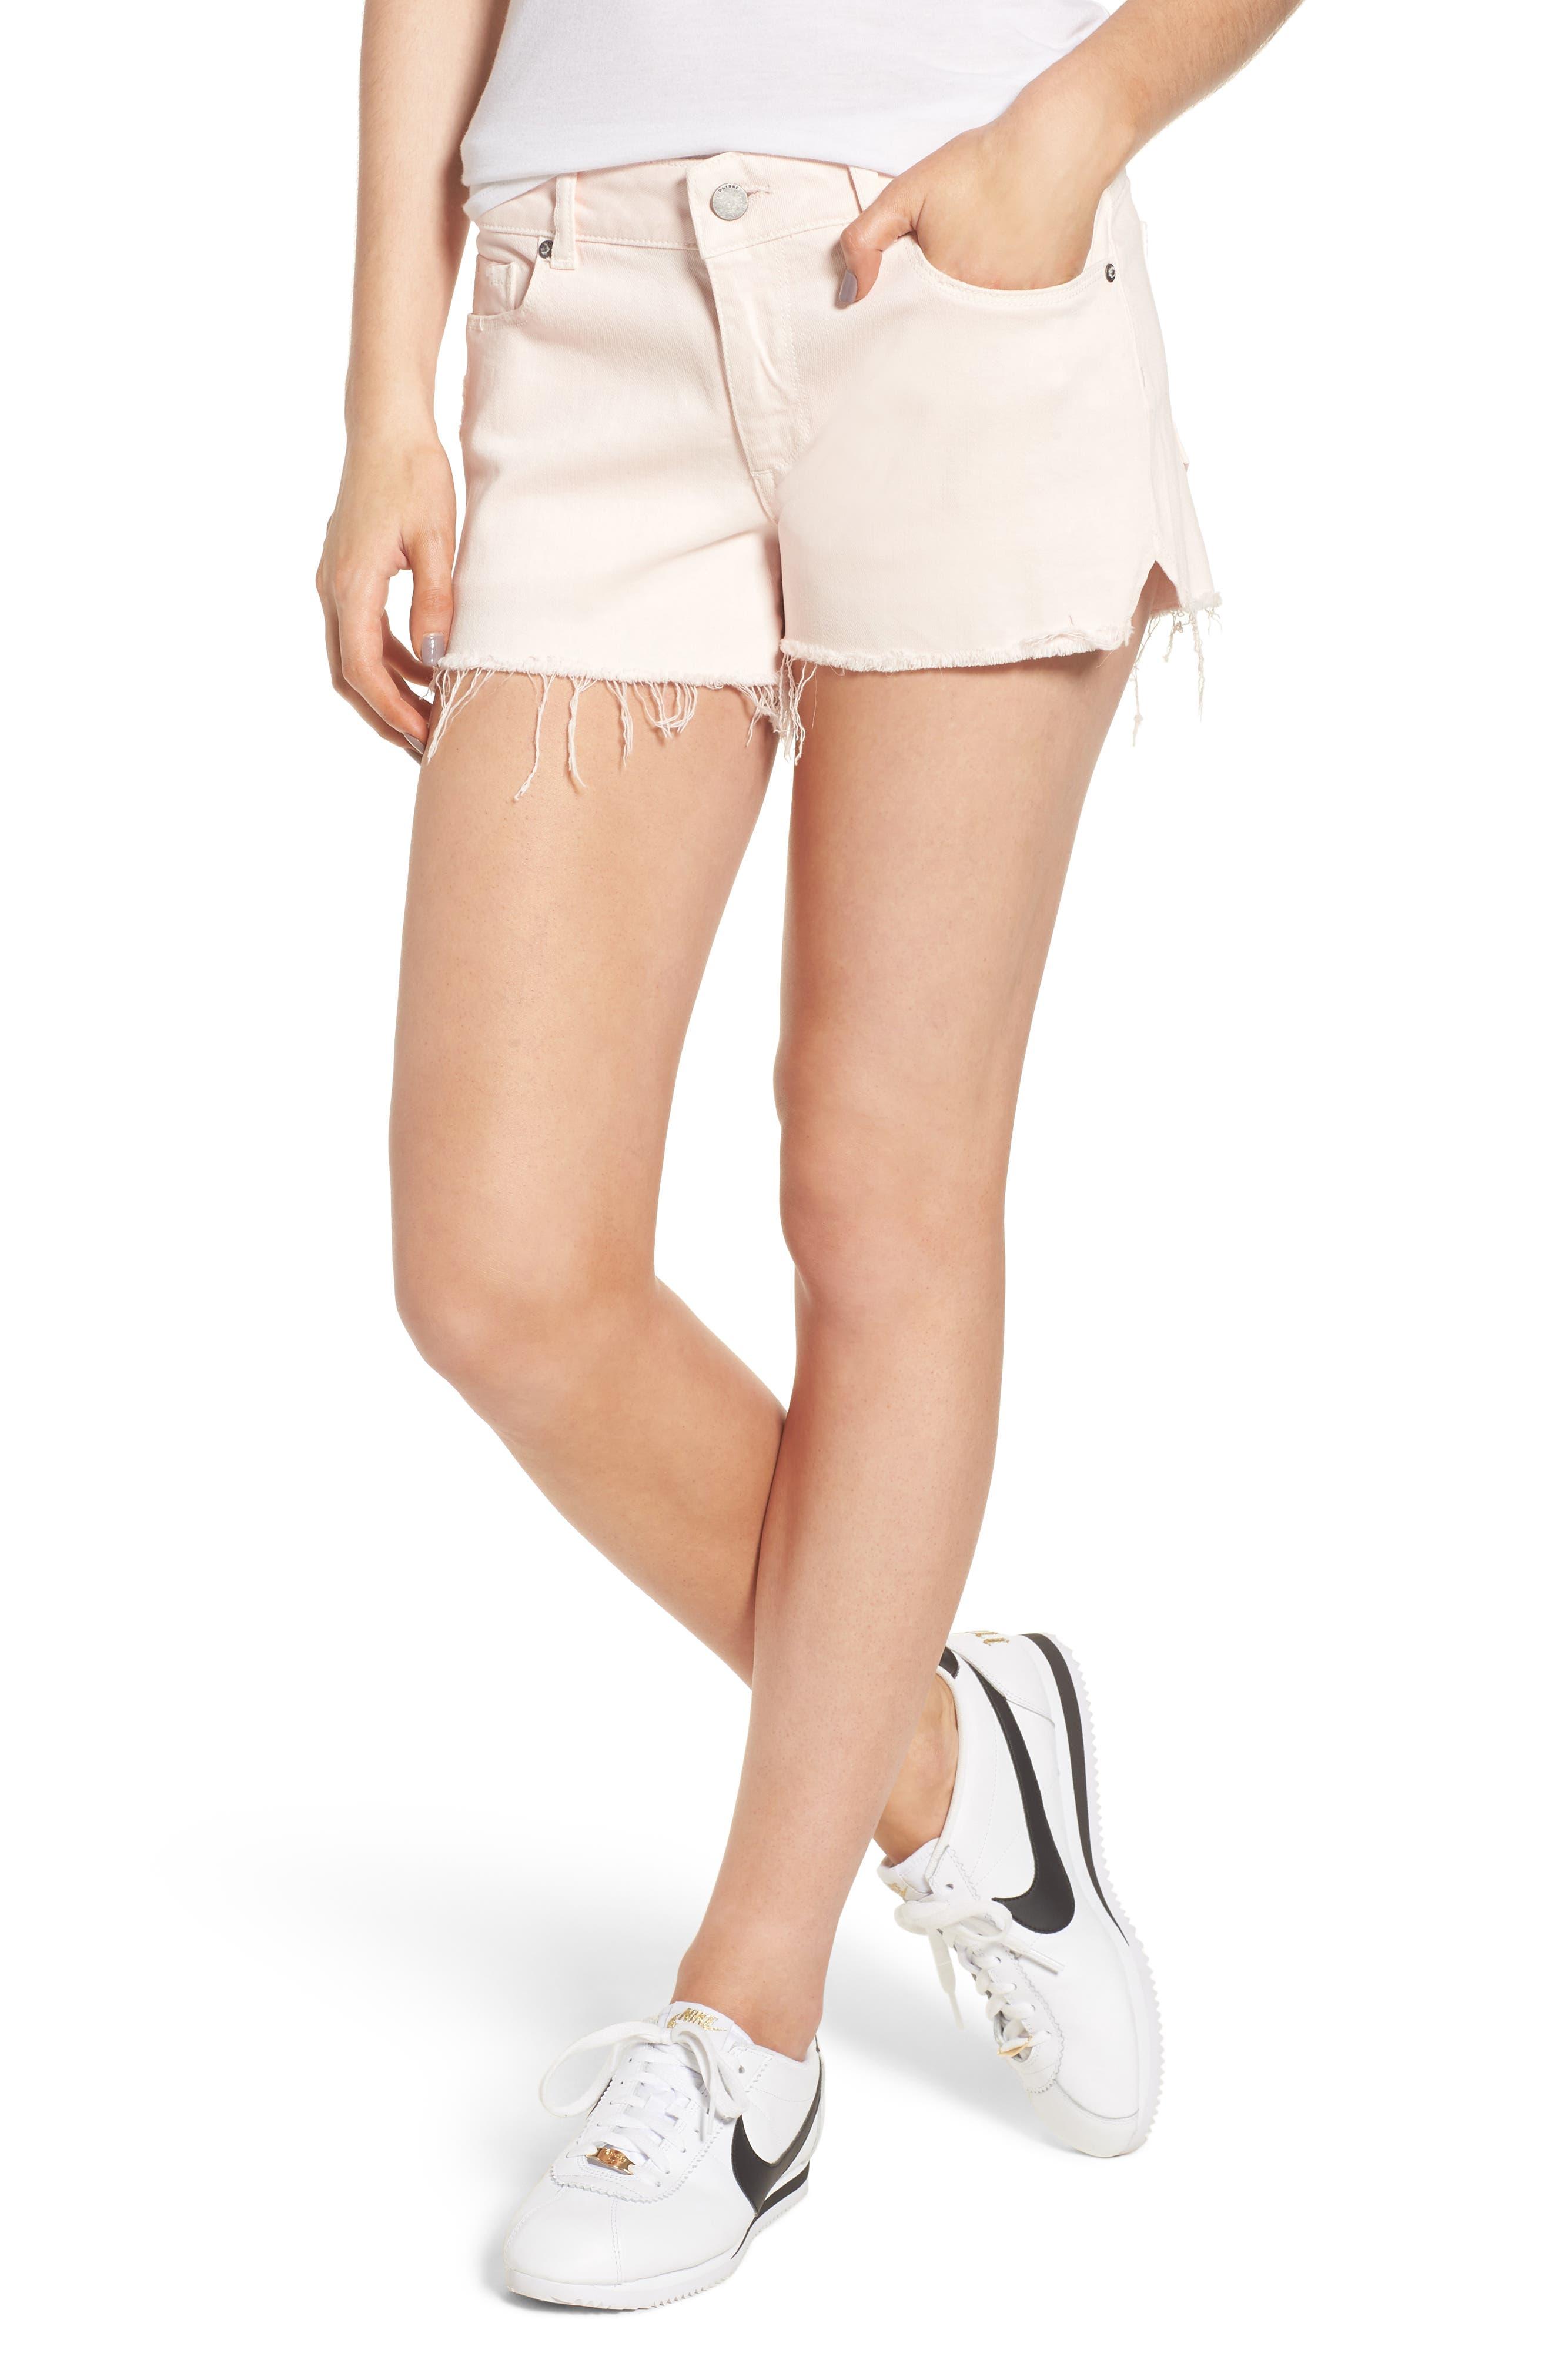 Renee Notch Raw Hem Denim Shorts,                         Main,                         color, Blush Pink